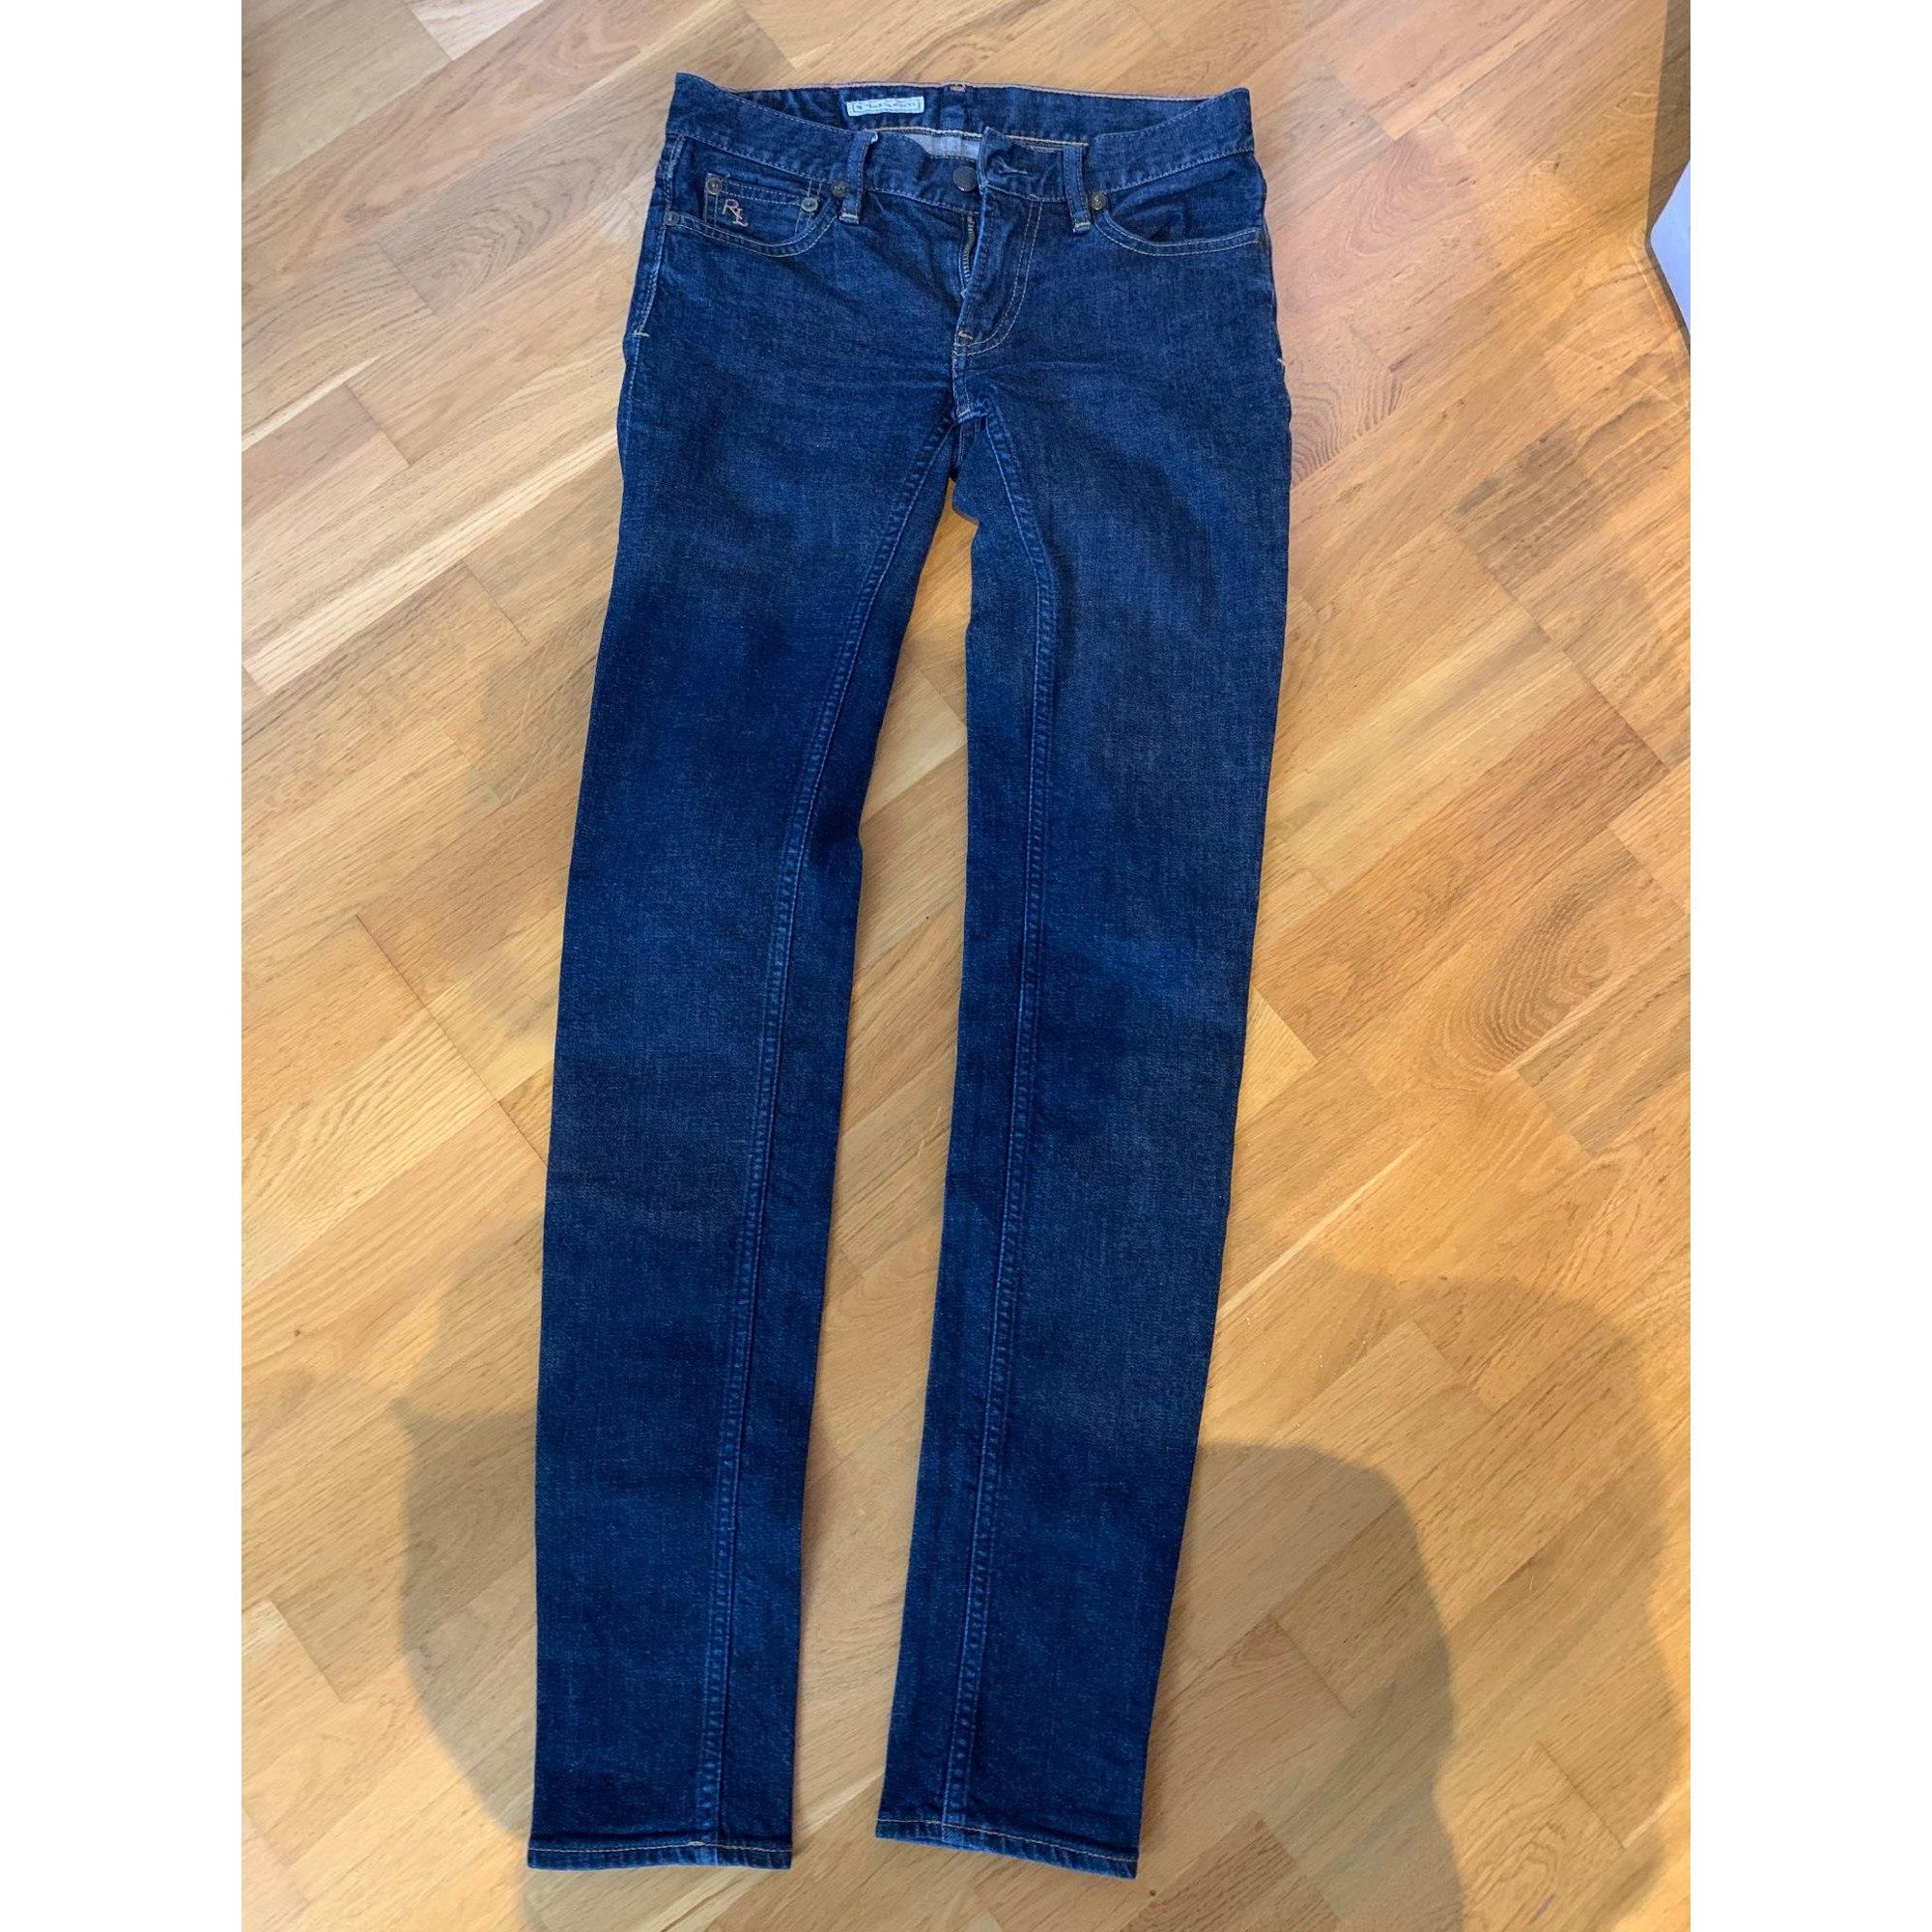 Jeans slim RALPH LAUREN Bleu, bleu marine, bleu turquoise